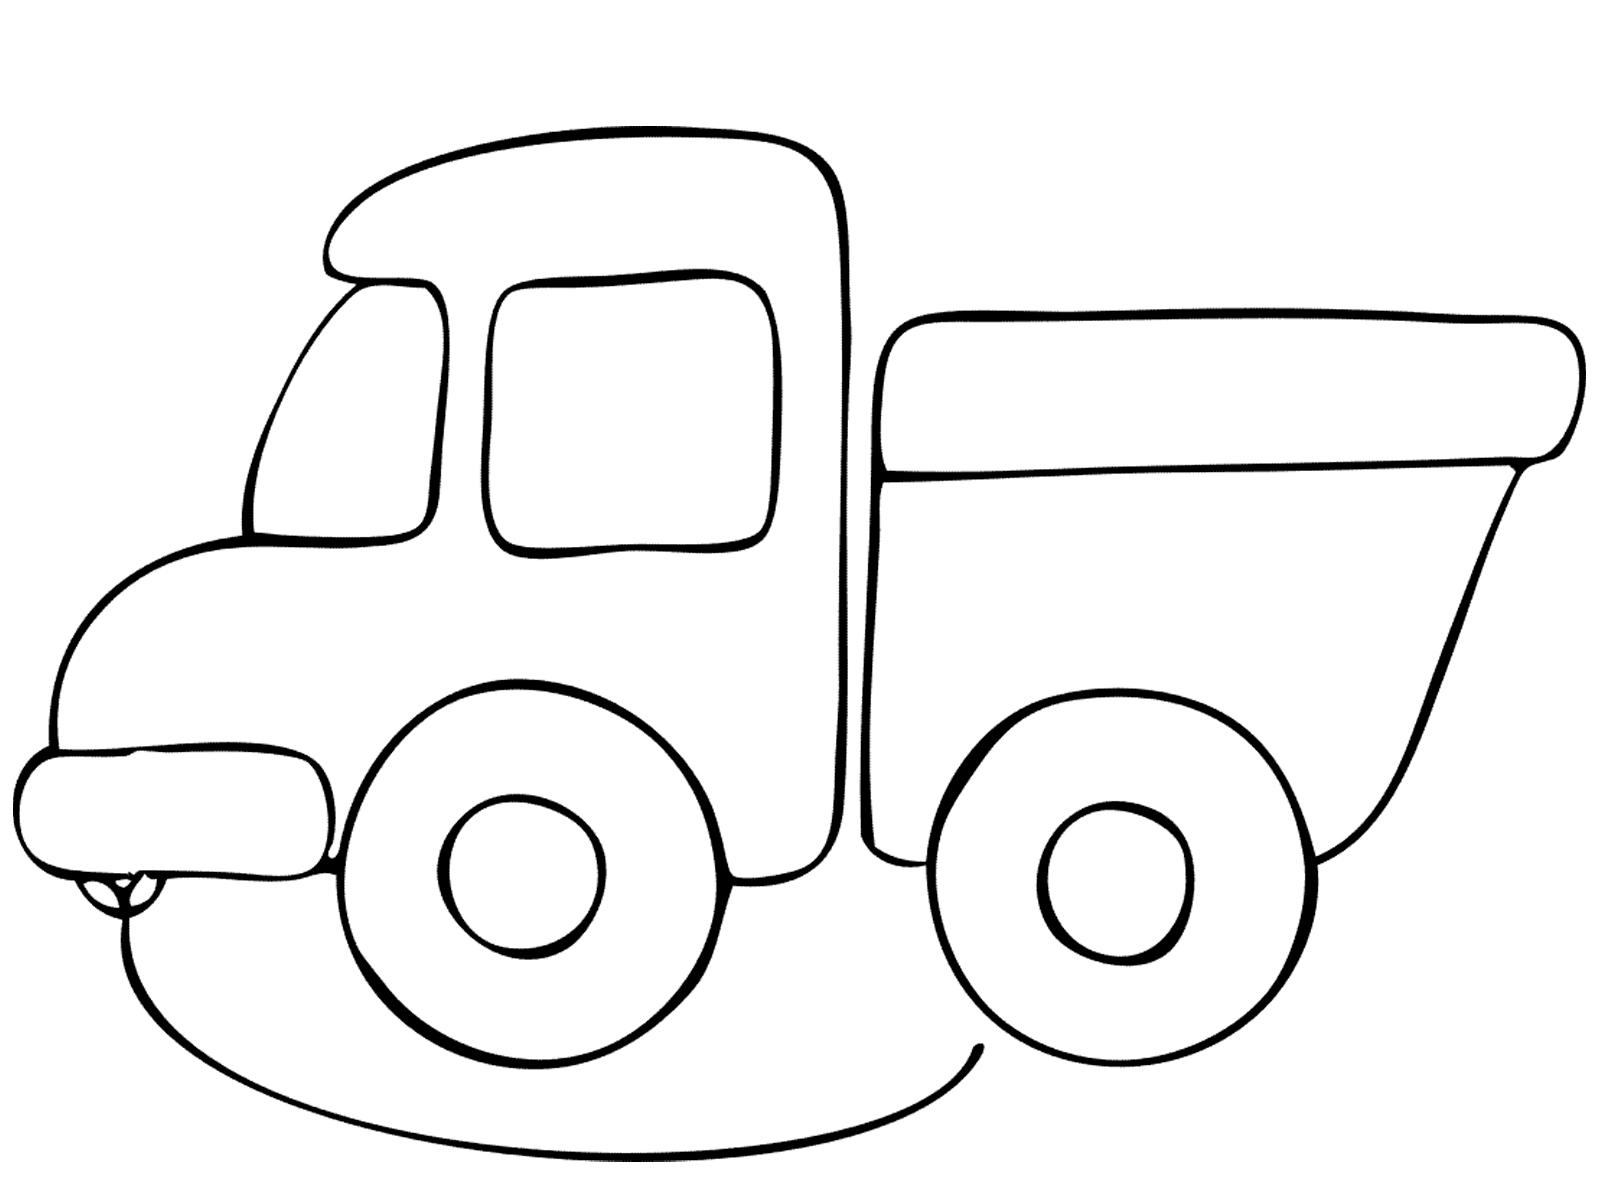 игрушки картинки для детей раскраски